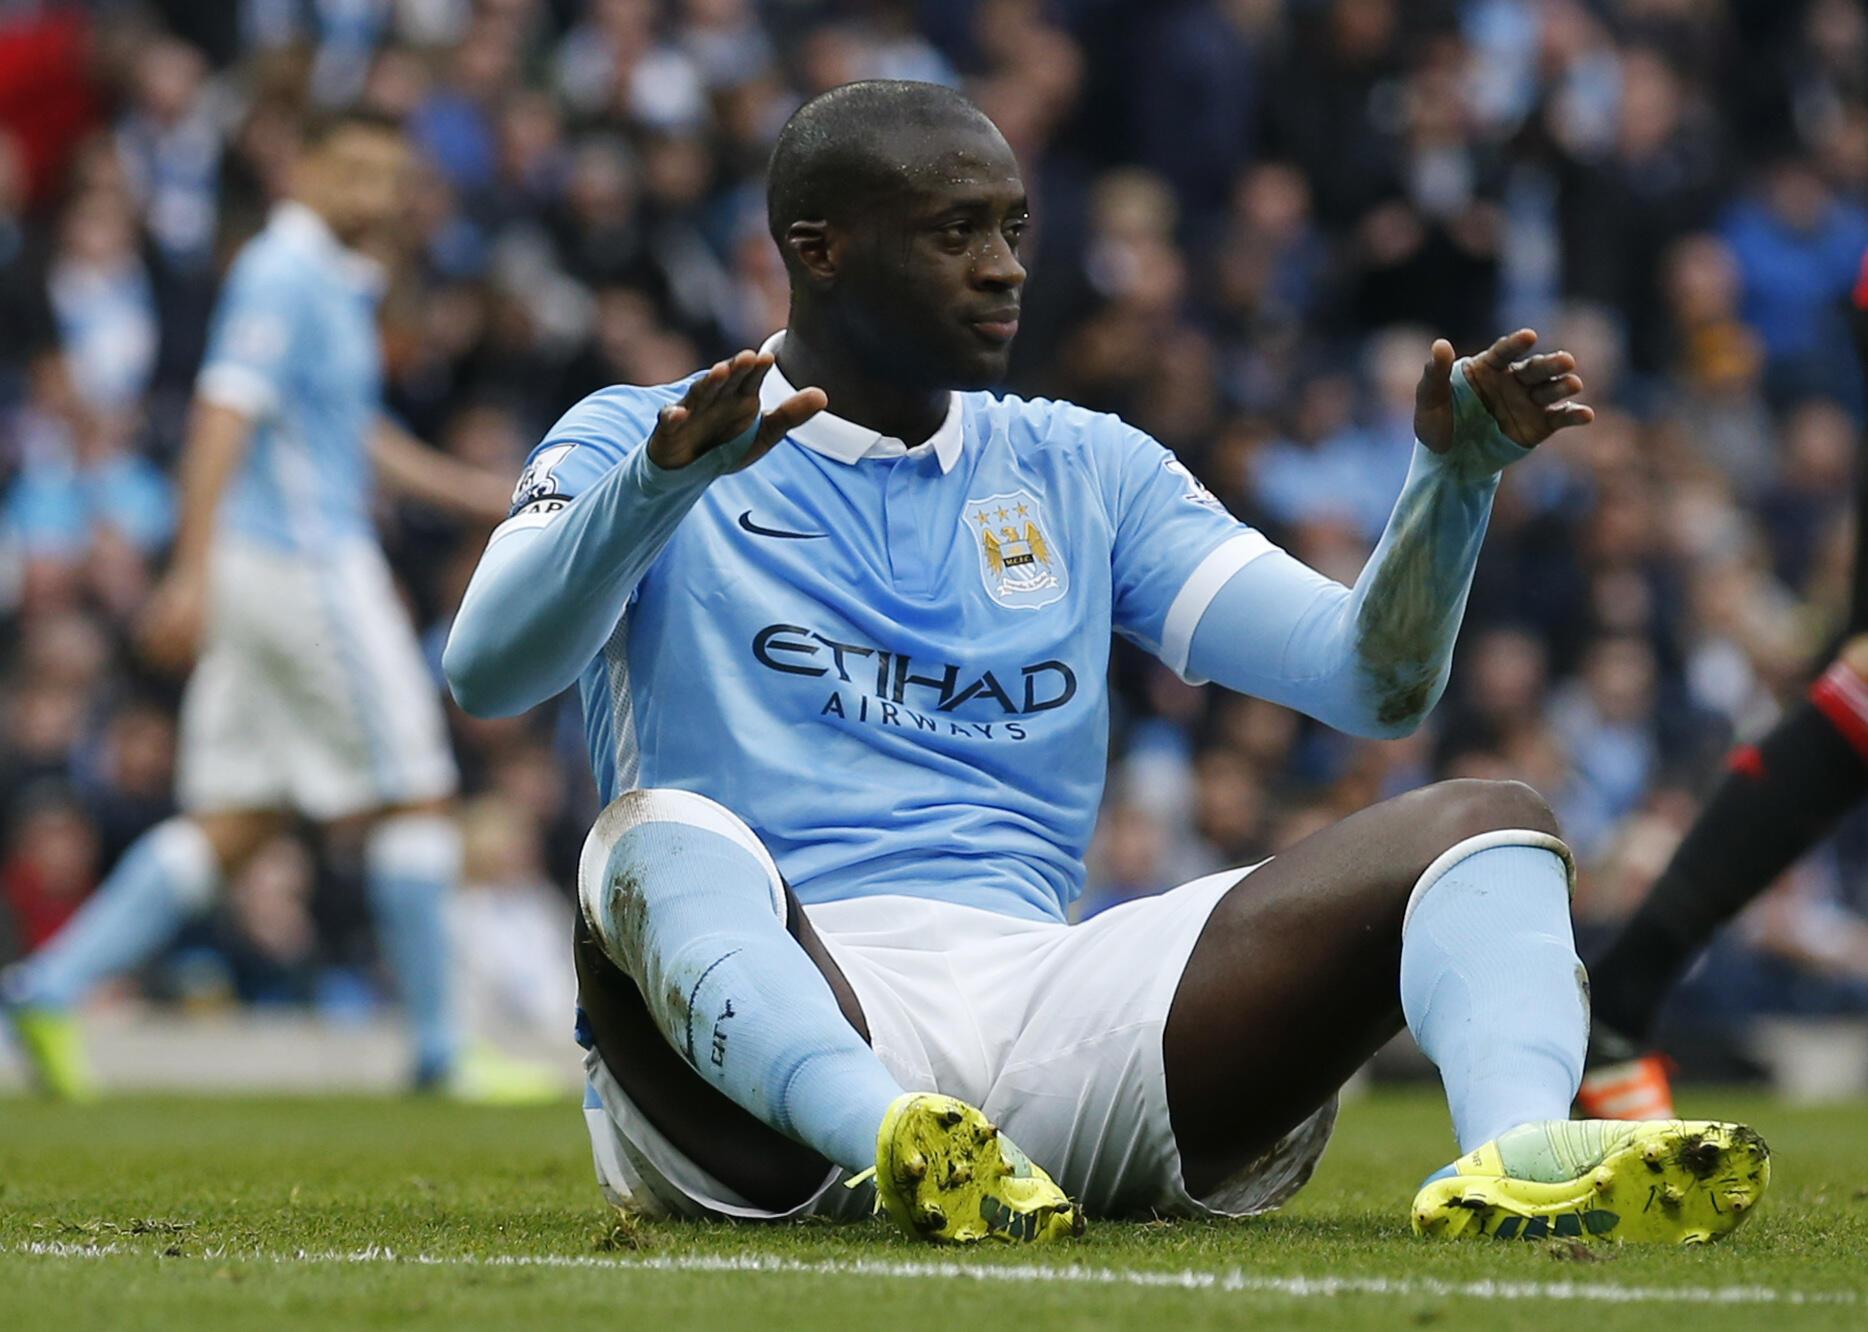 Tsohon dan wasan Manchester City Yaya Touré.